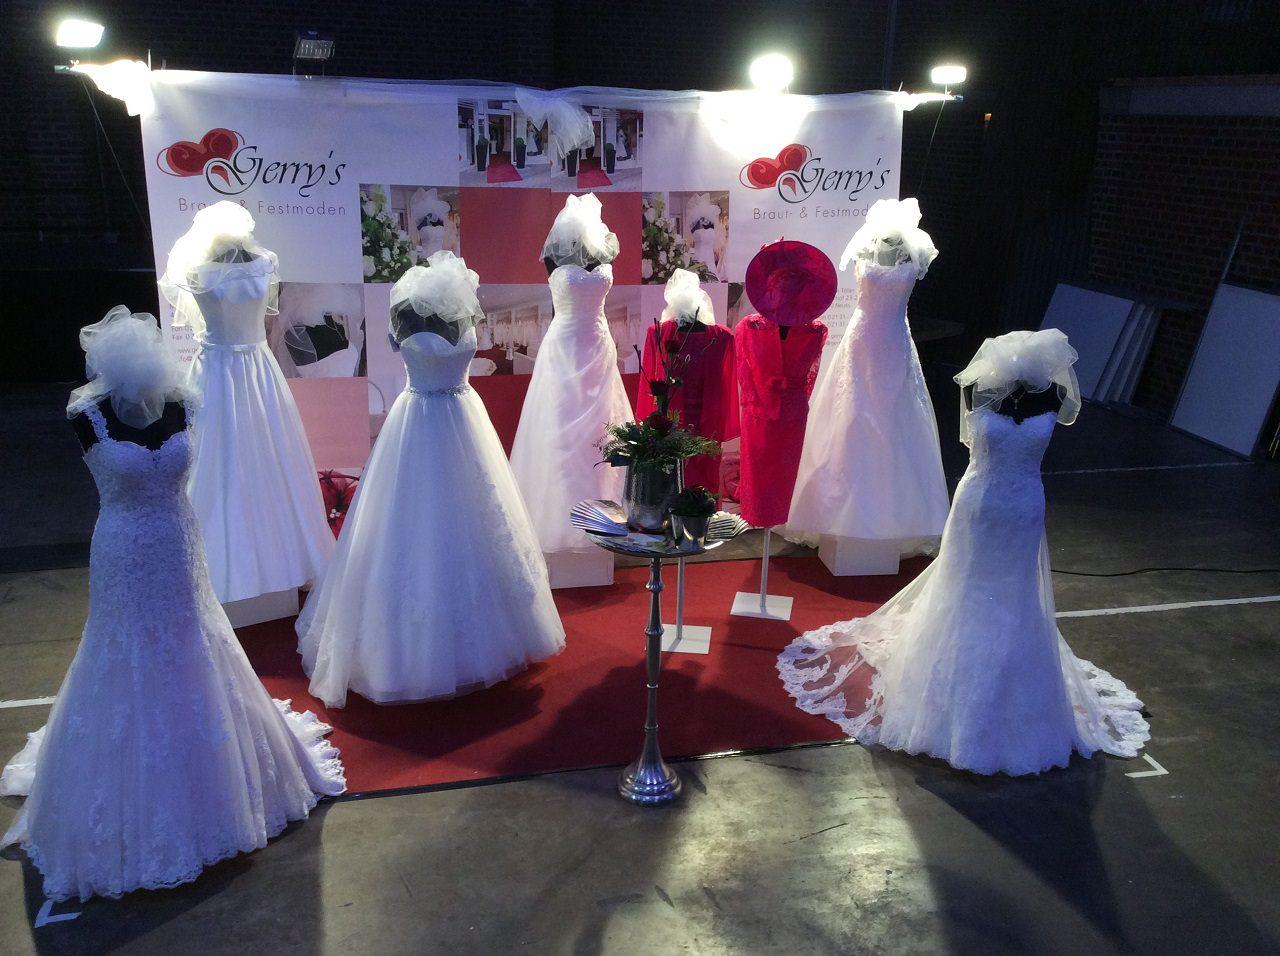 Gerrys-Brautmoden-Hochzeitsmesse-Kunstwerk-Mönchengladbach-2_mini